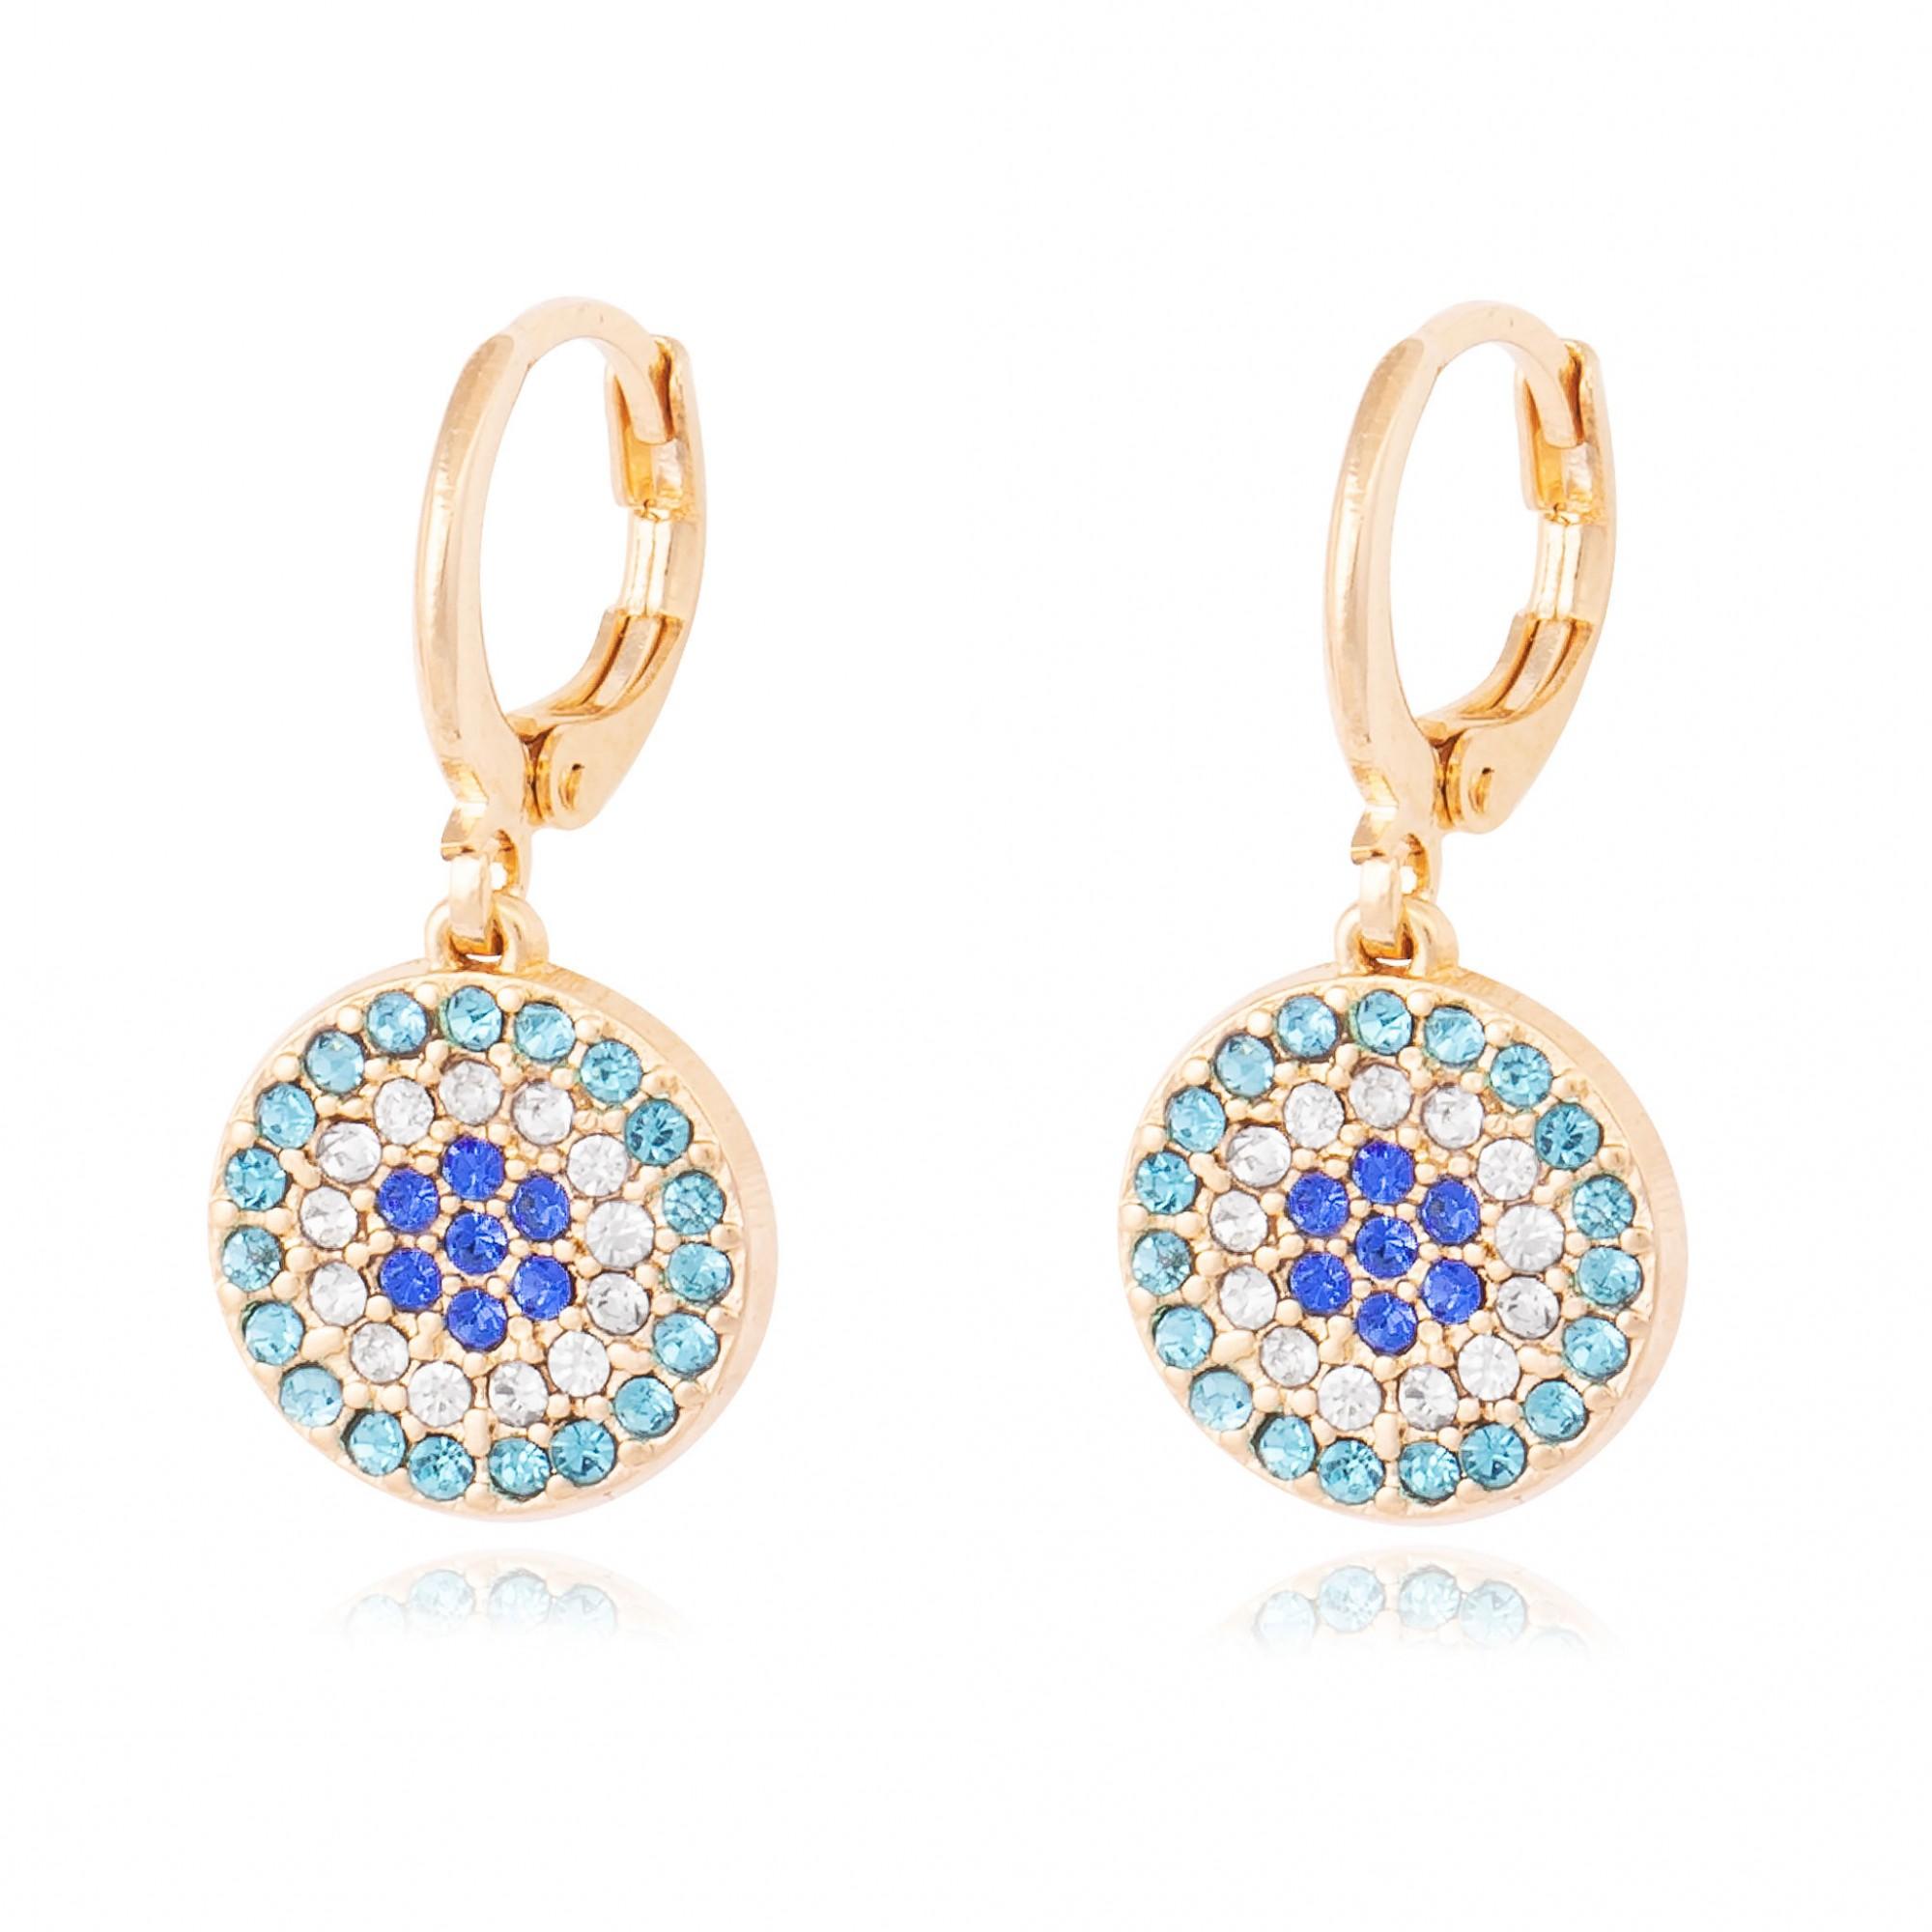 Brinco olho grego de cristais banhado a ouro 18k.  - bfdecor.com.br